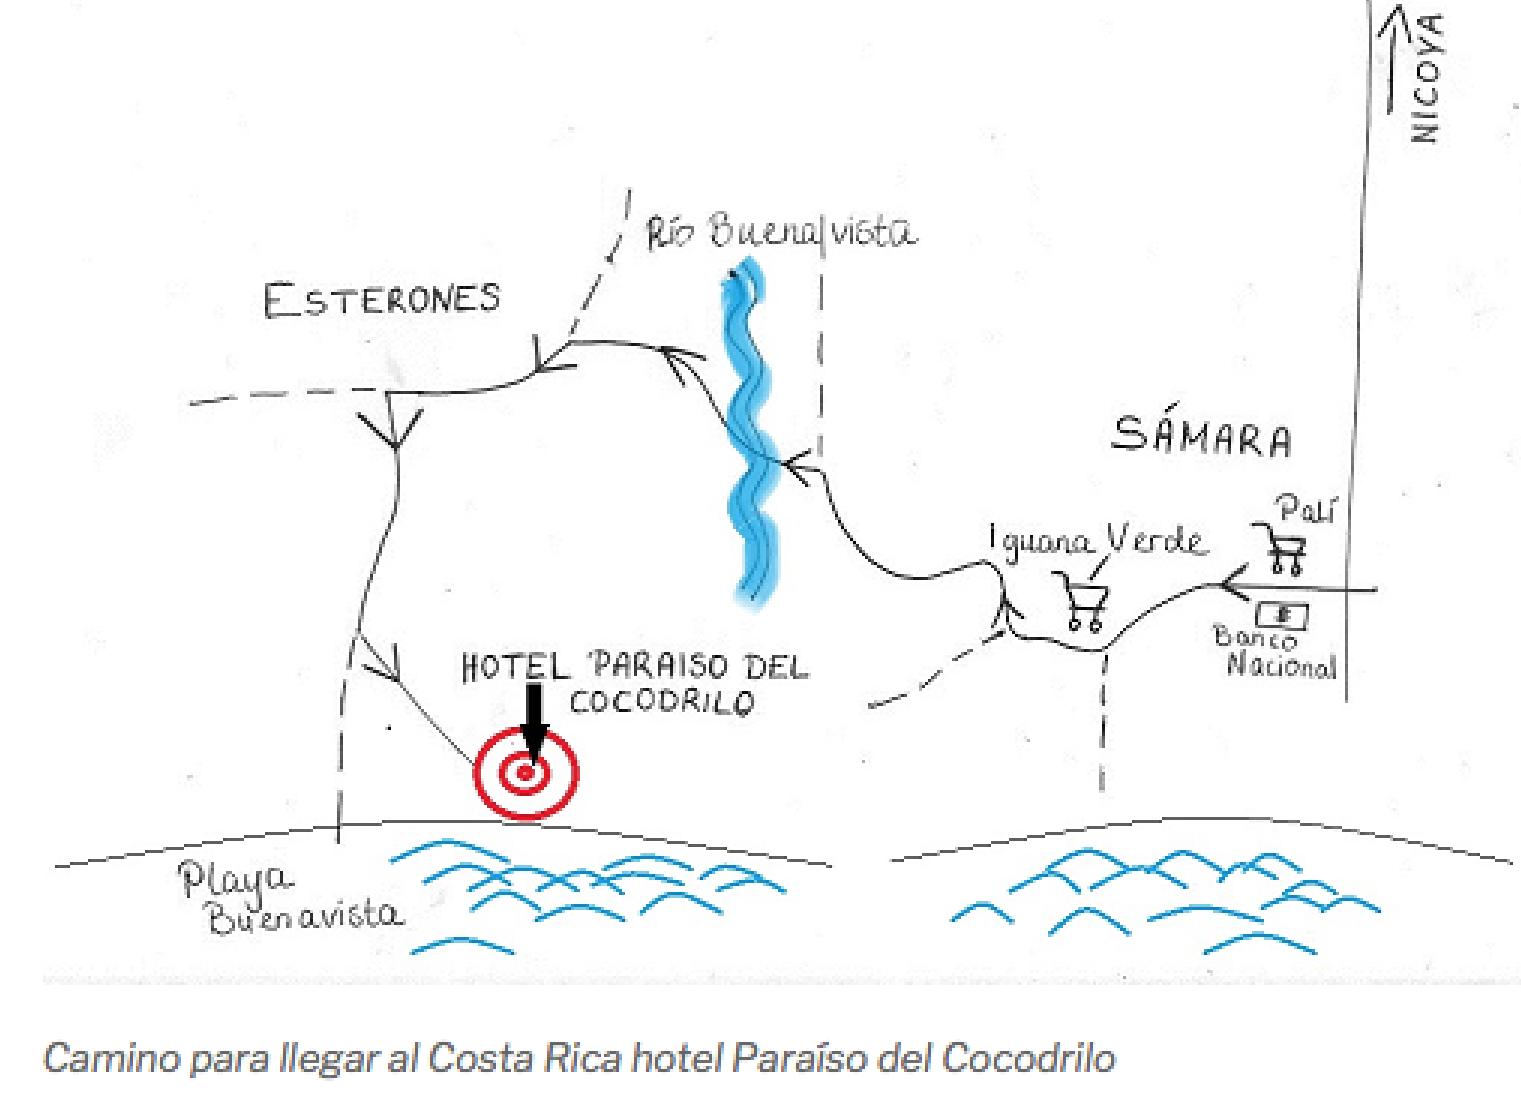 Anfahrt zum Hotel Paraiso del Cocodrilo, Costa Rica